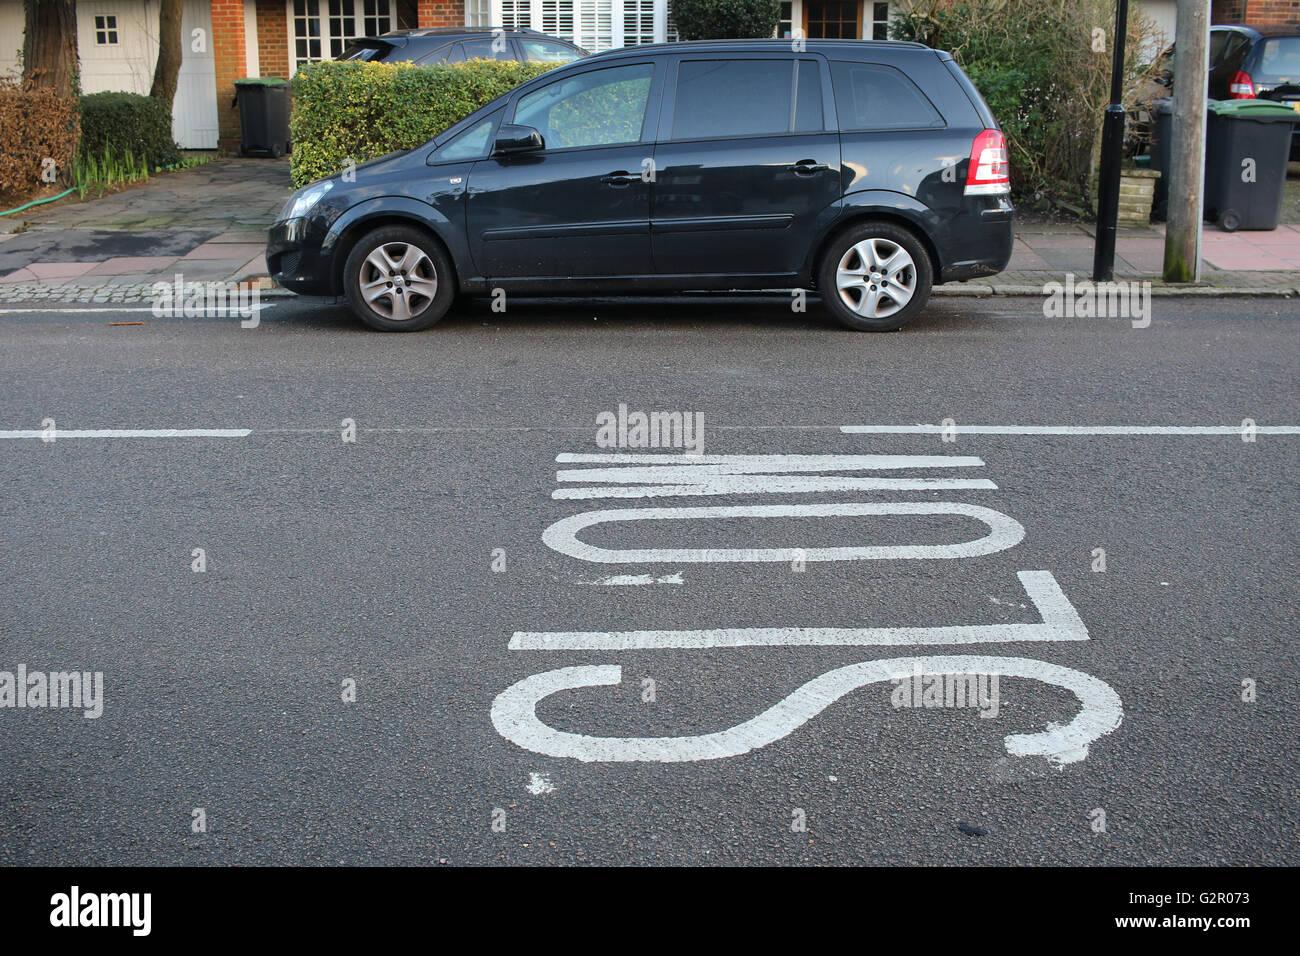 Le marquage routier lent contre un minibus Vauxhall Zafira, maisons Photo Stock